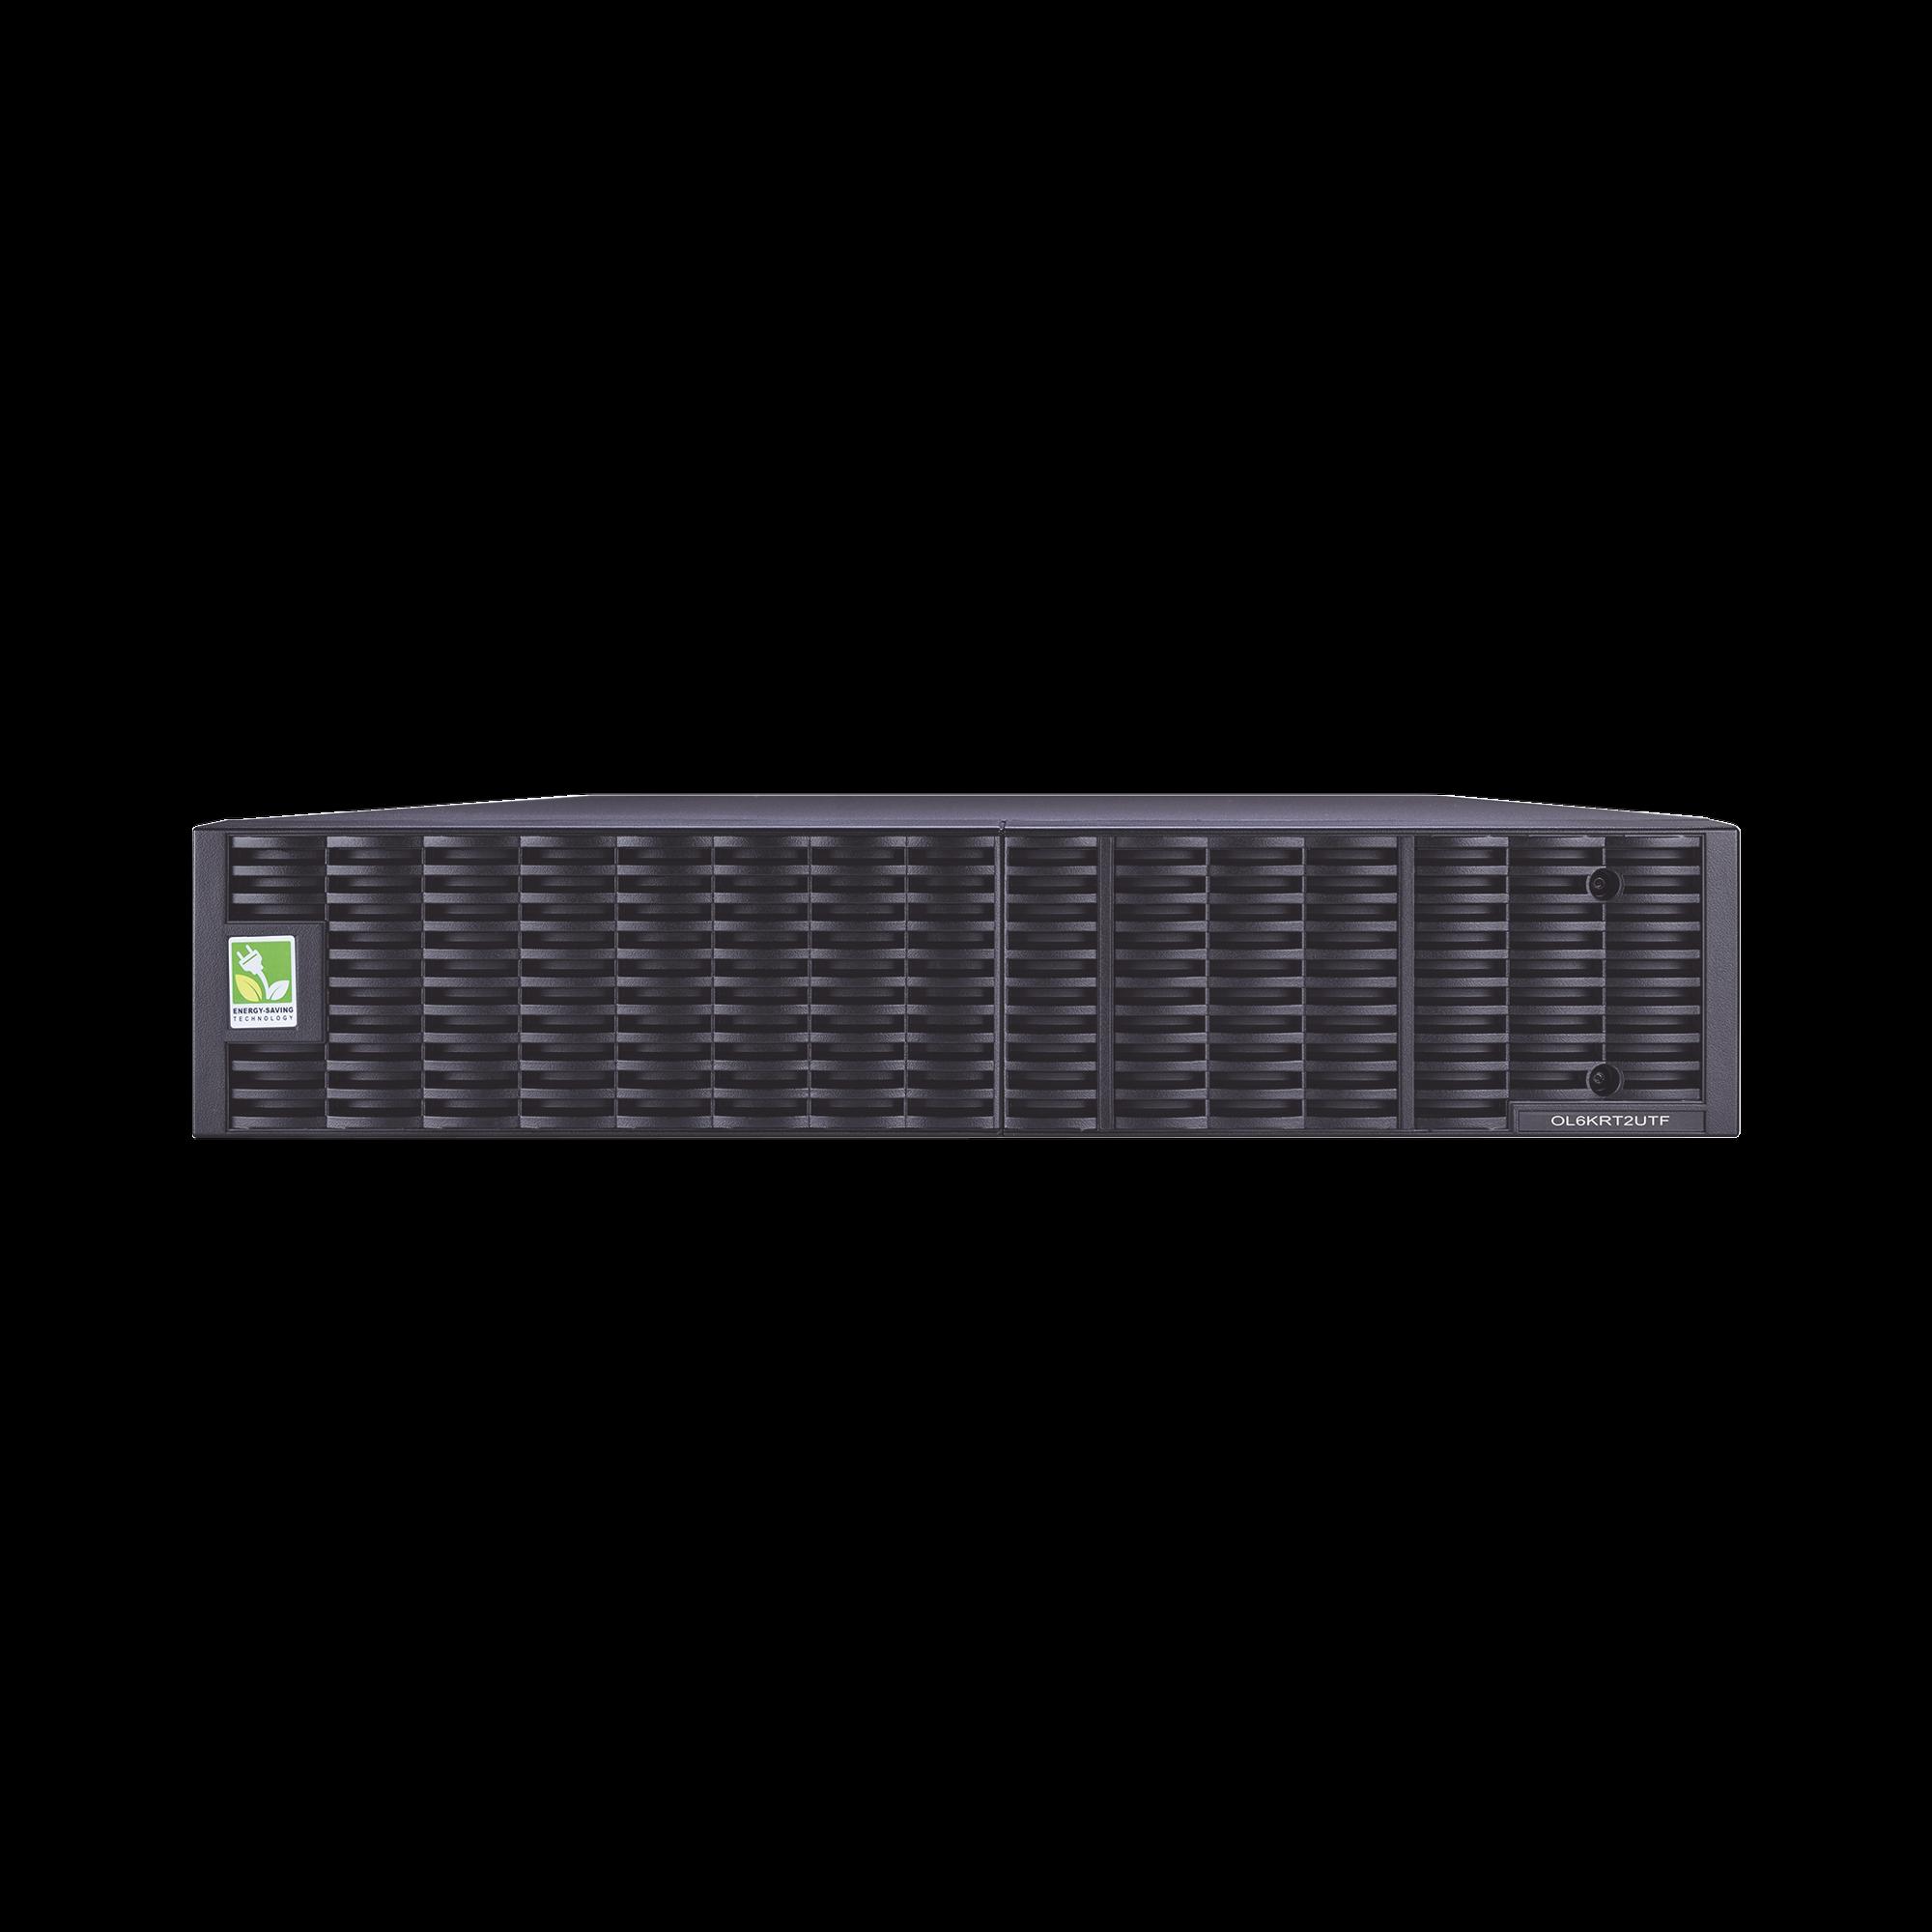 Transformador Reductor de 220V a 120V Para UPS Modelos PR5000LCDRTXL5U y OL6000RT3U de CyberPower